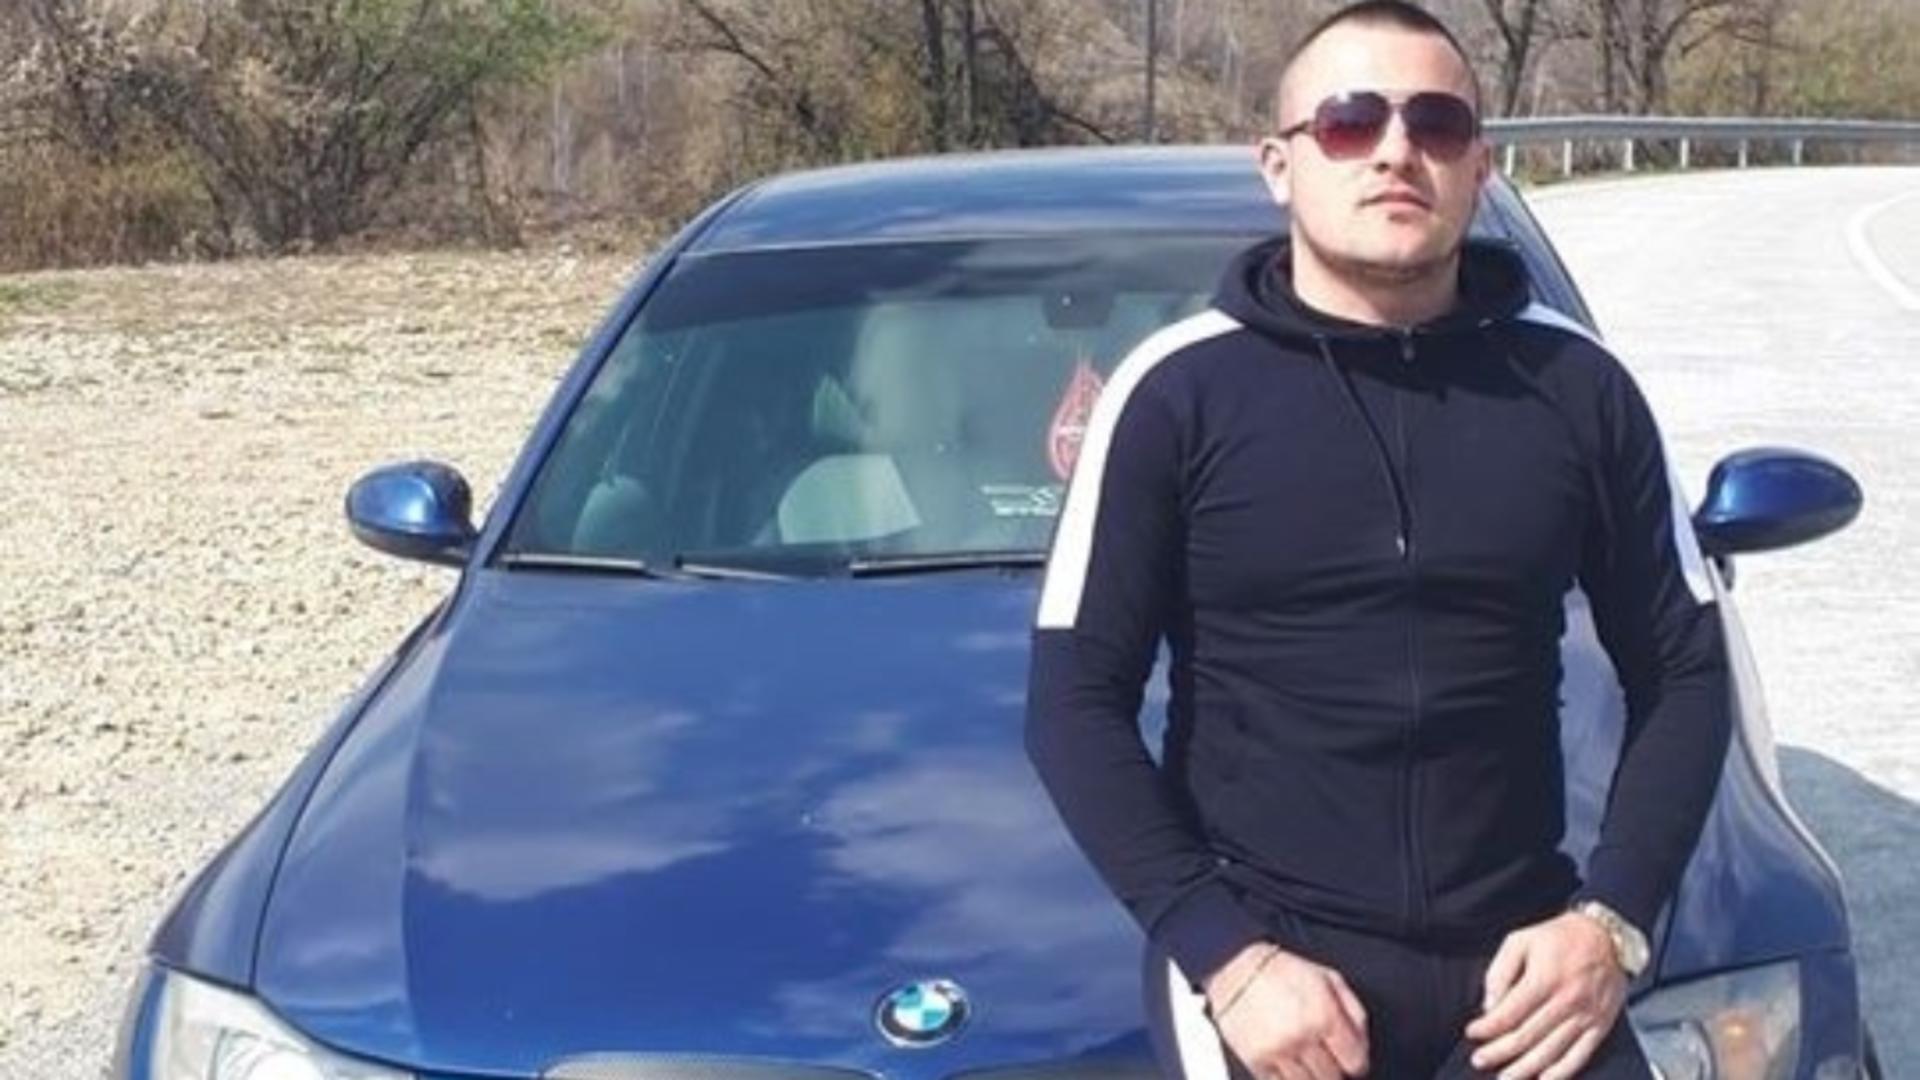 Mihai Dafinescu va fi judecat în libertate, deși a omorît un om și a părăsit locul accidentului. Foto/viatagorjului.ro